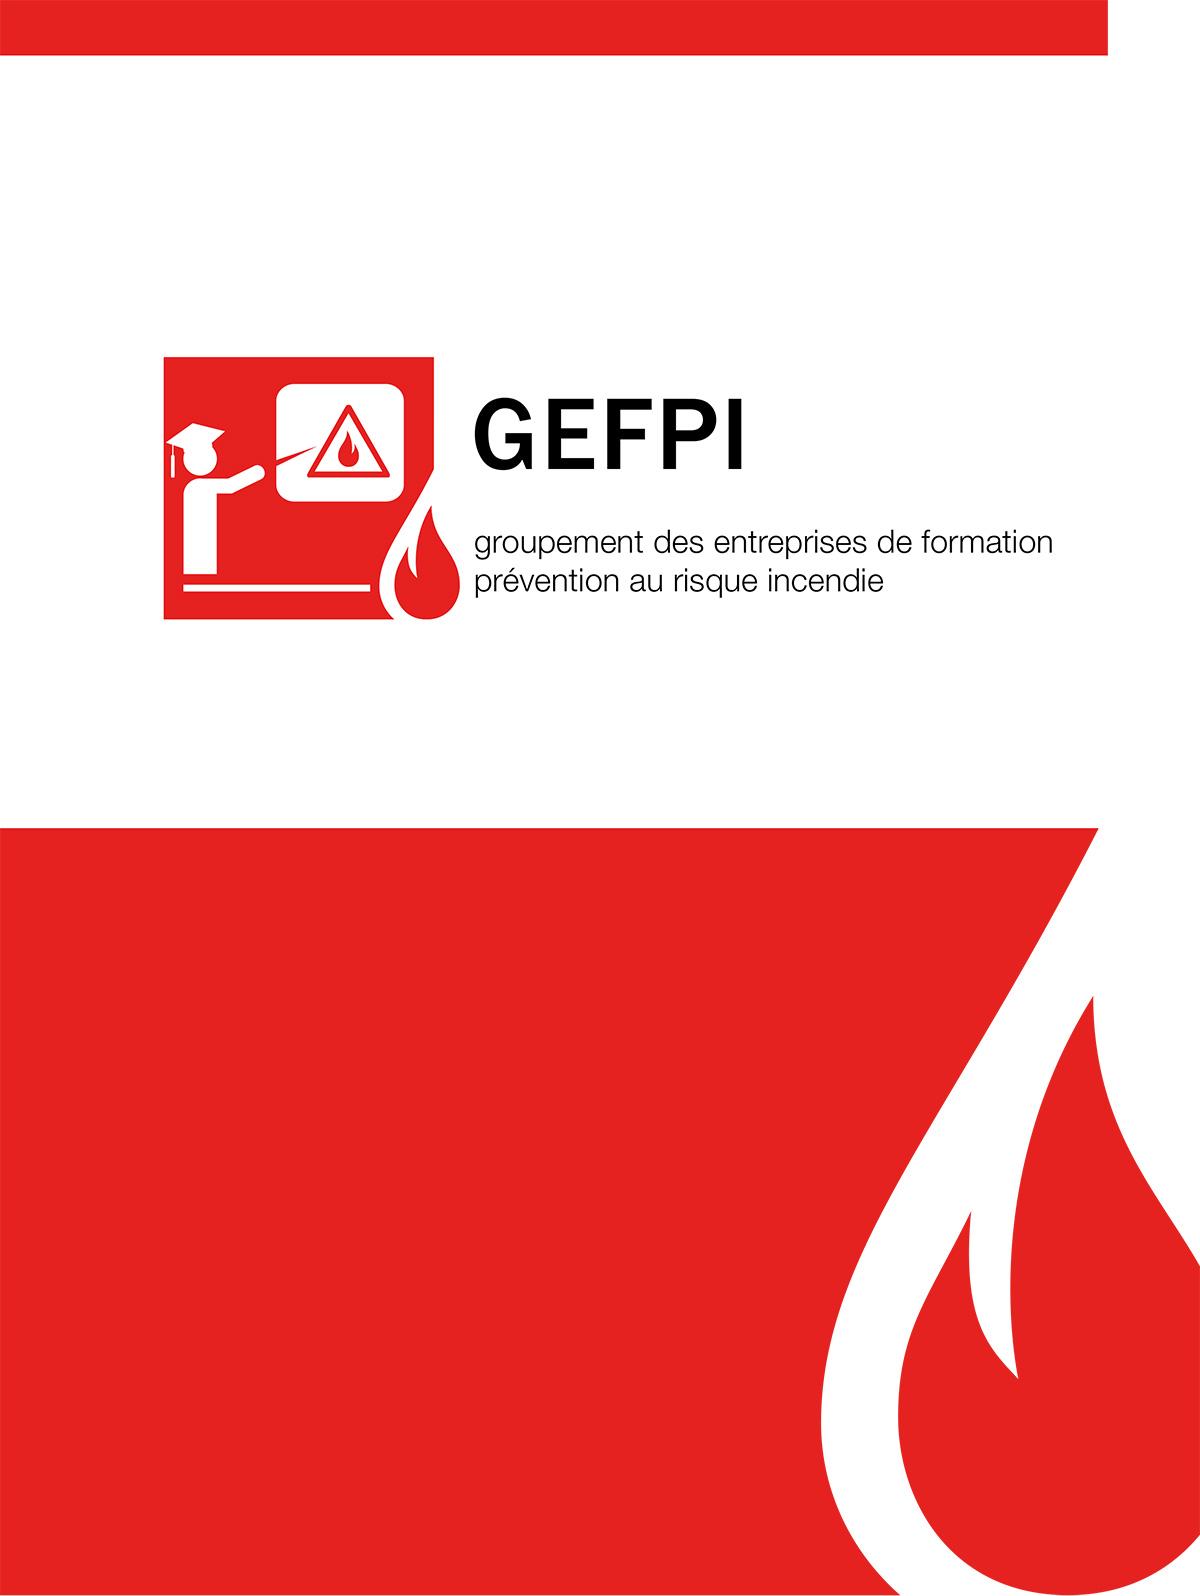 Charte GEFPI